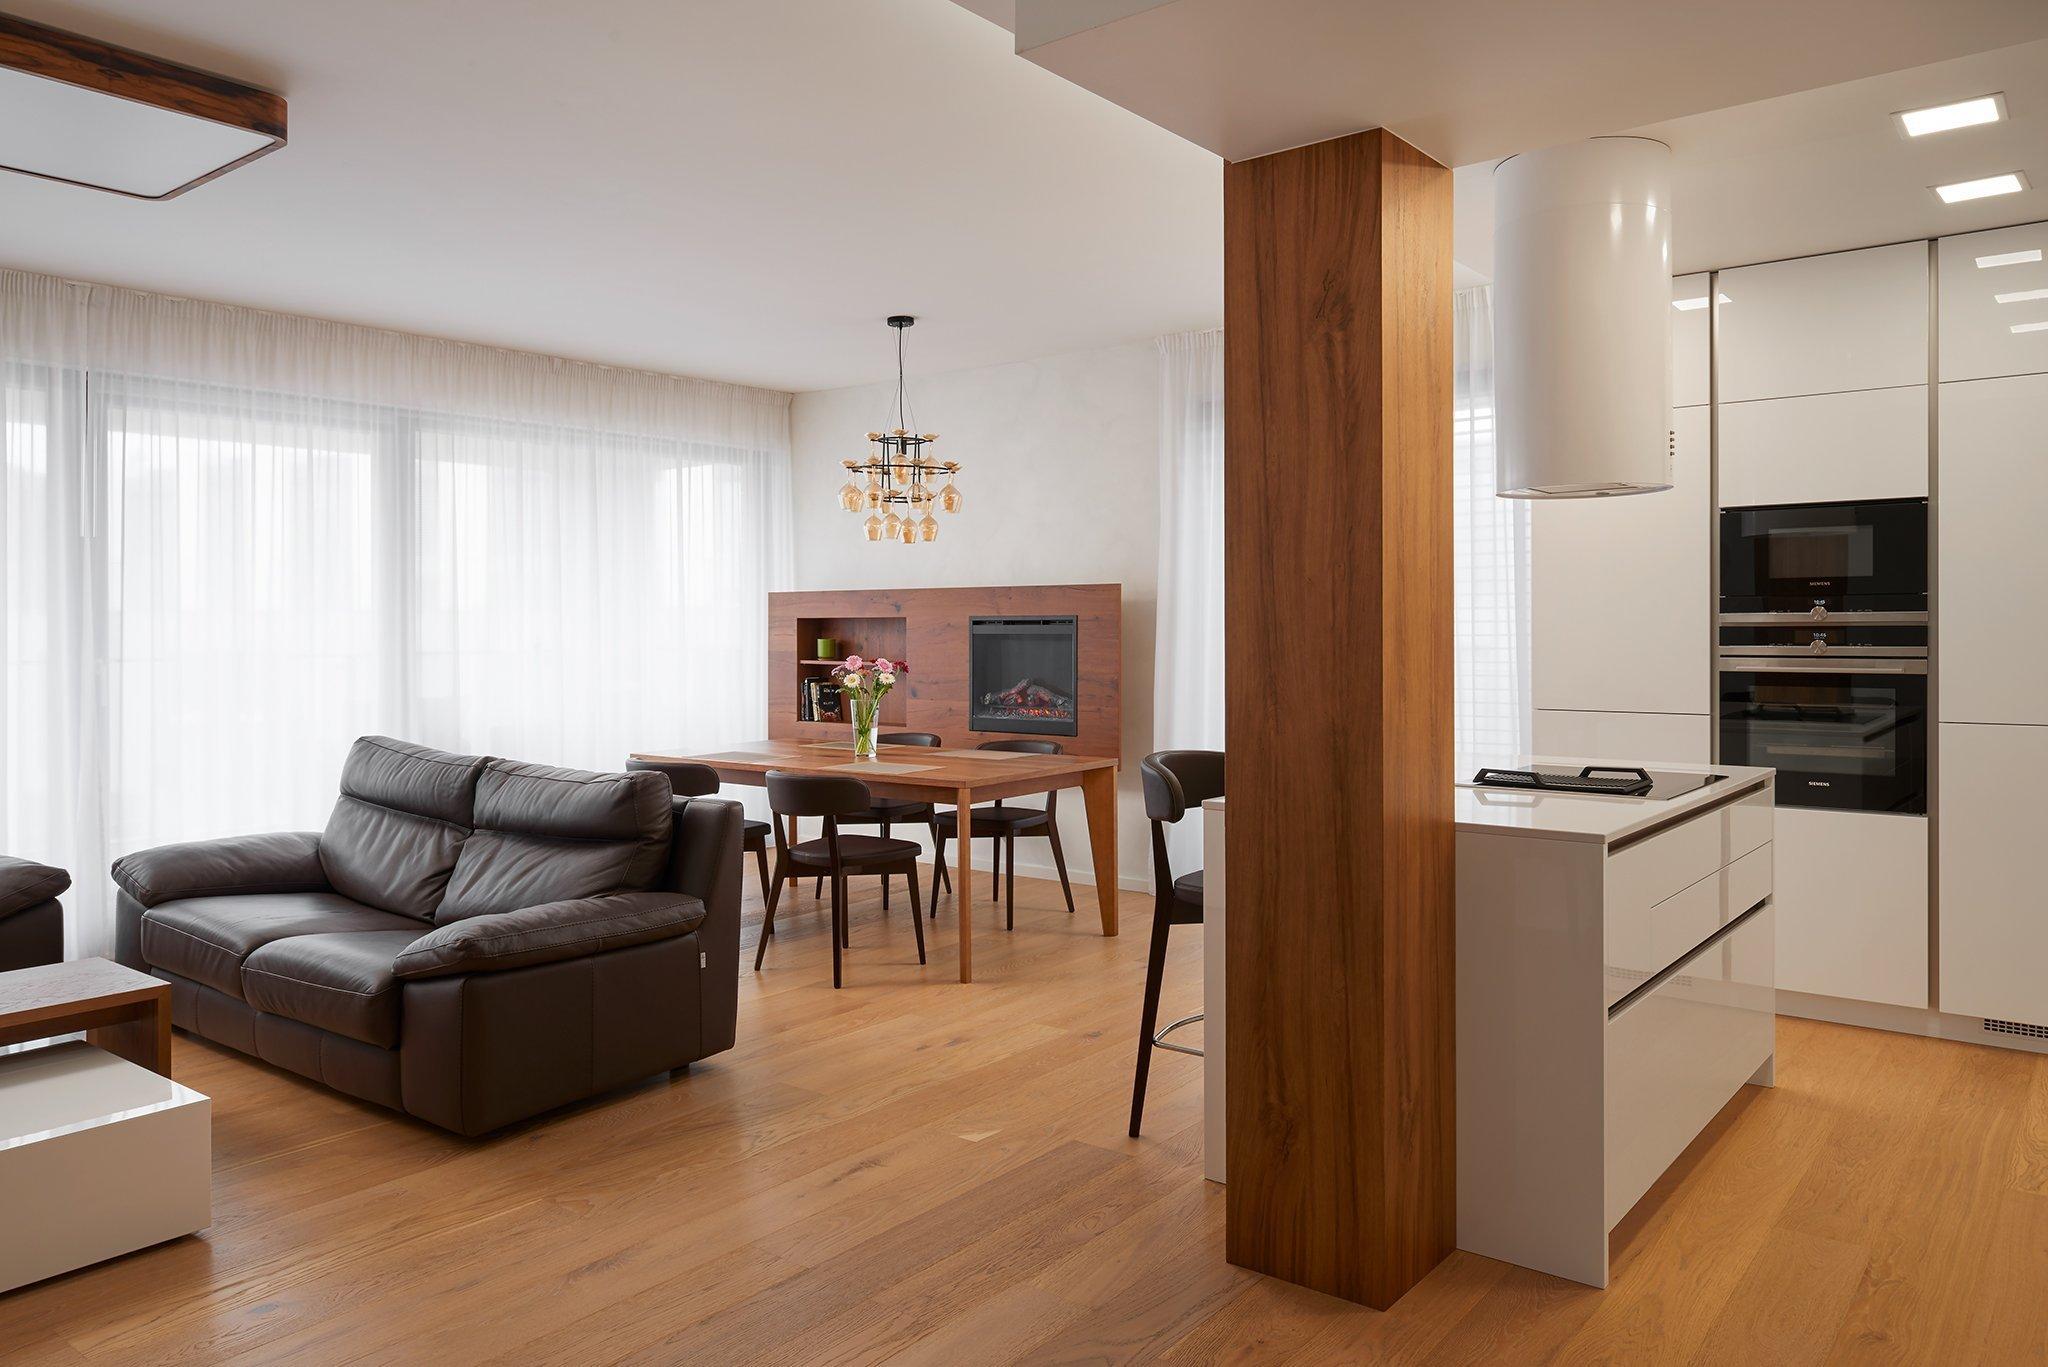 Nová kuchyně, jídelní a obývací prostor realizované v rámci projektu Dock v Holešovicích. Z dílny Hanák Centrum Praha.